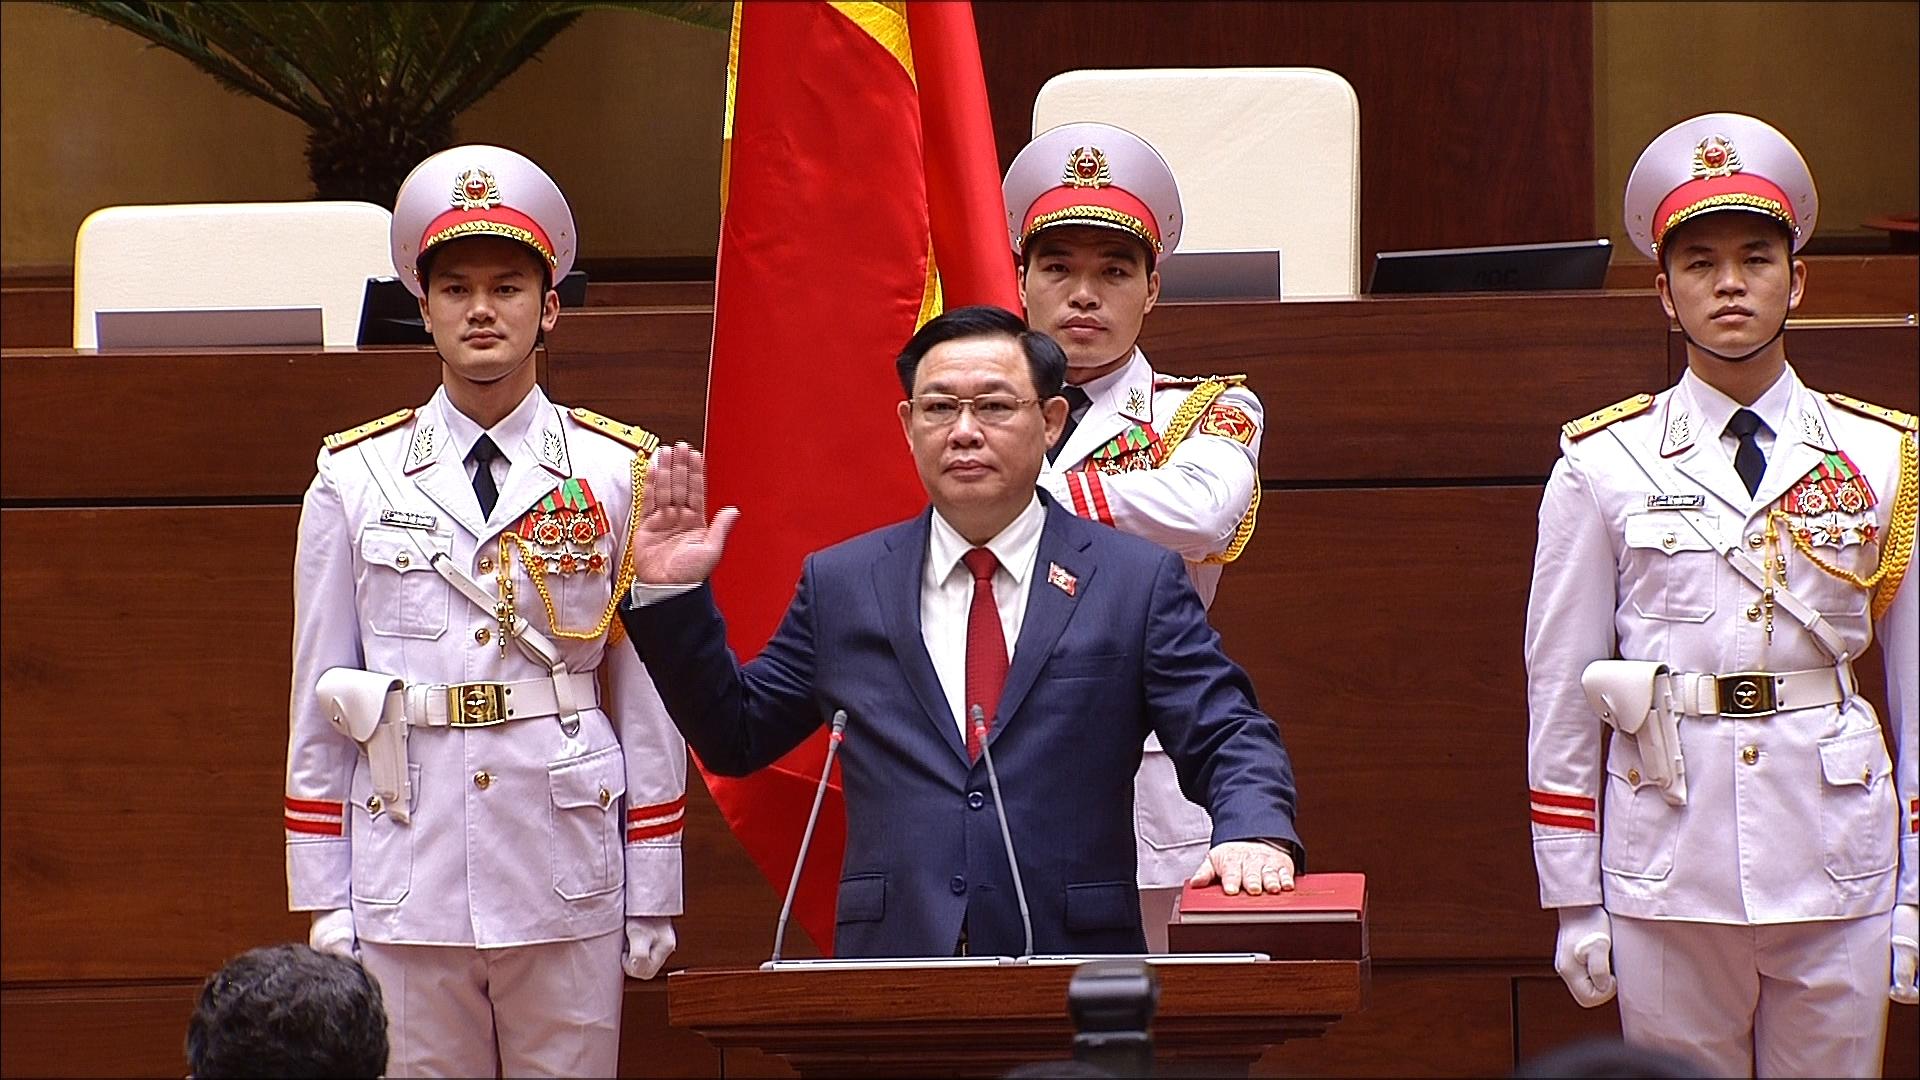 Tân Chủ tịch Quốc hội Vương Đình Huệ thực hiện nghi thức tuyên thệ nhậm chức trước Quốc hội.